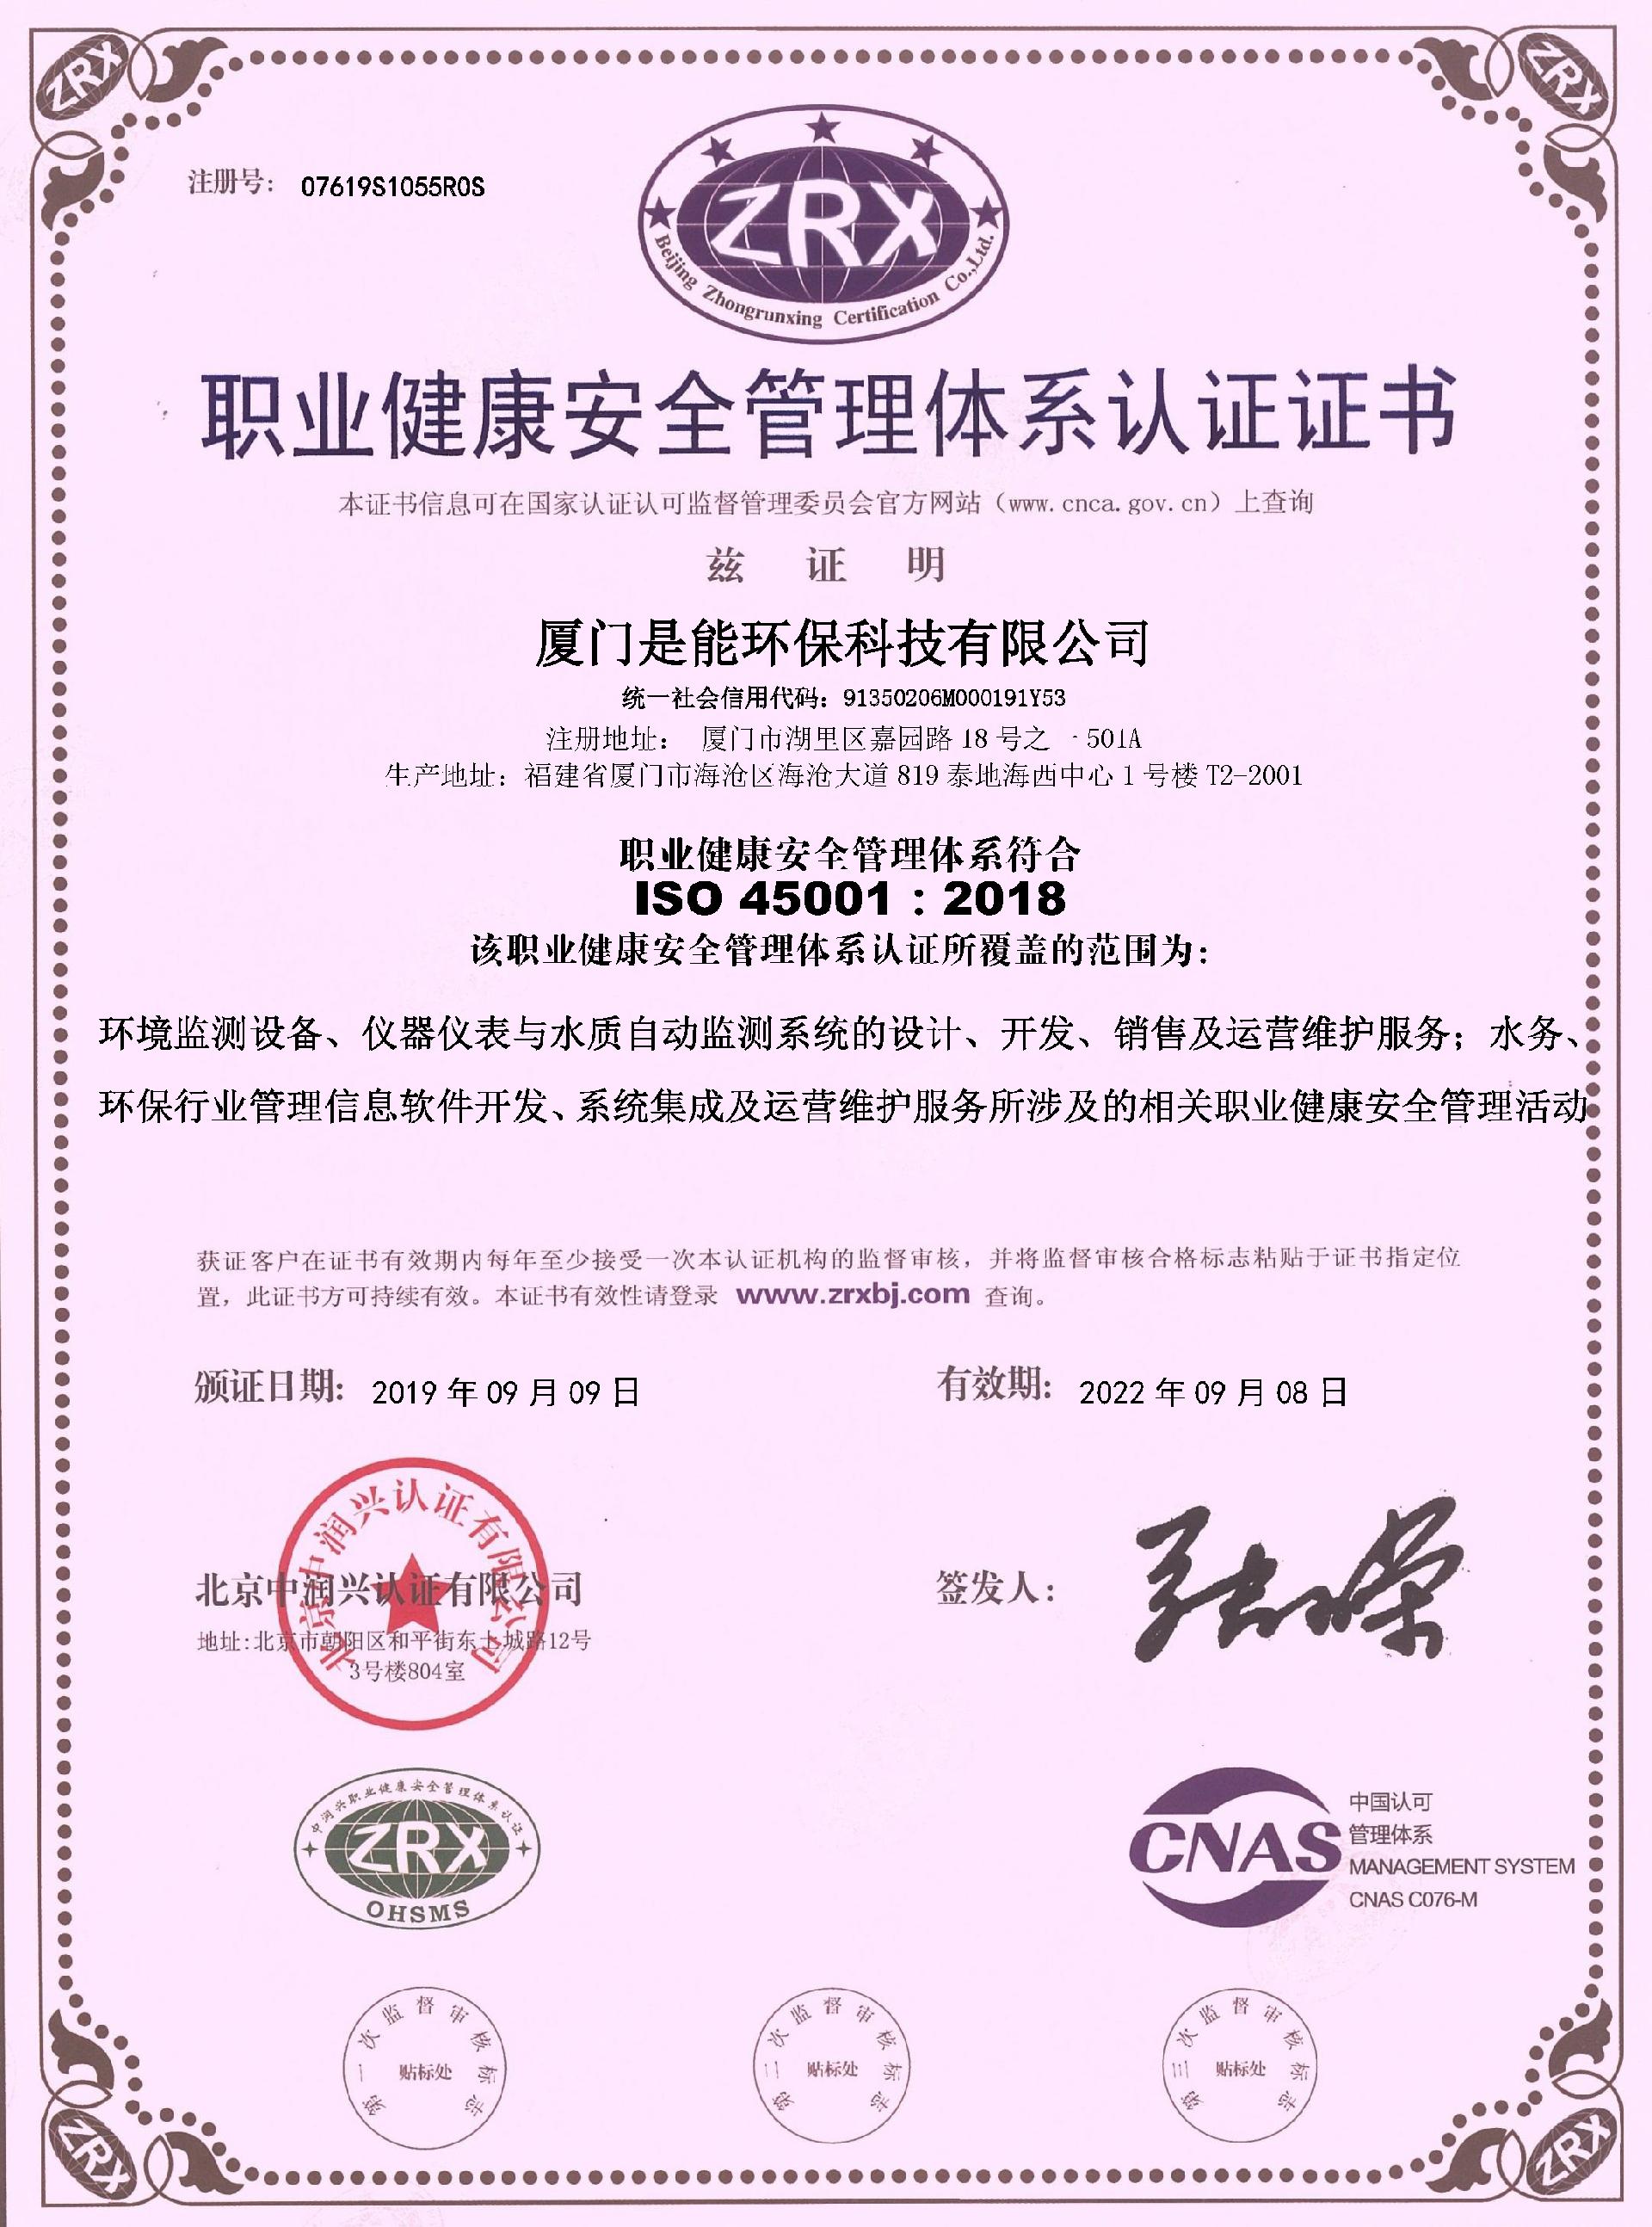 厦门是能环保科技有限公司-ISO45001中文版.png